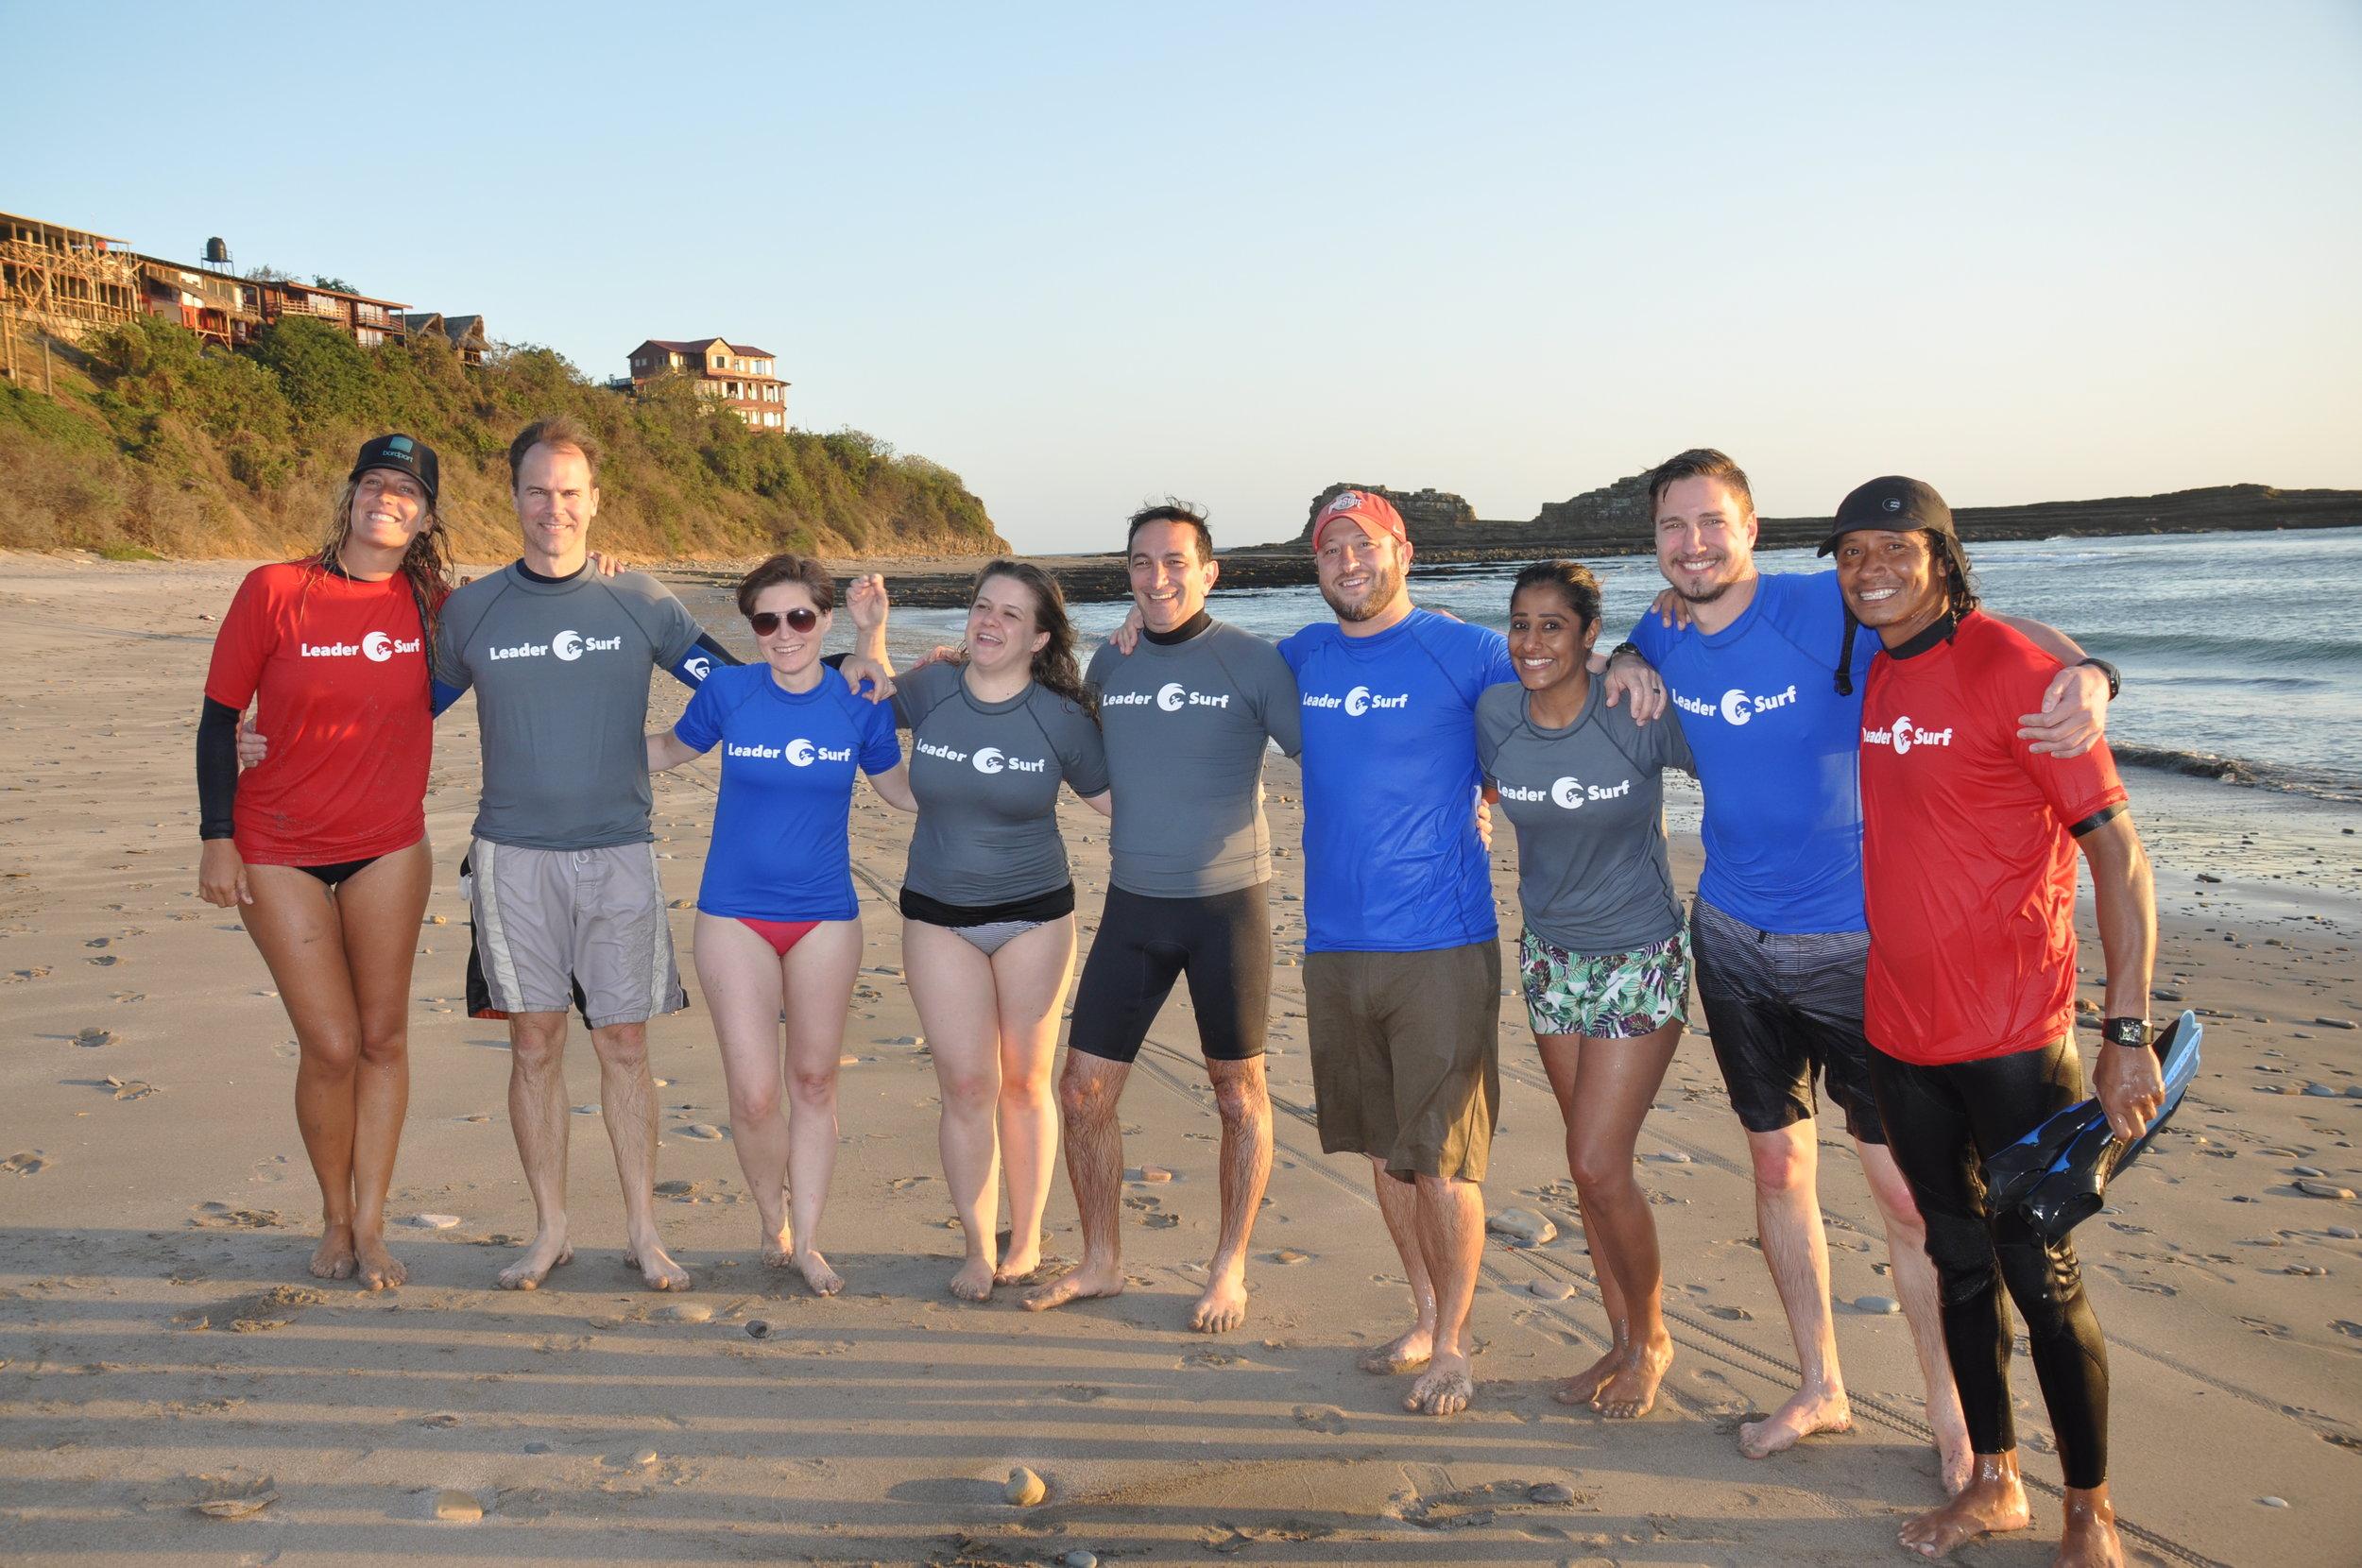 LeaderSurf morning surf session